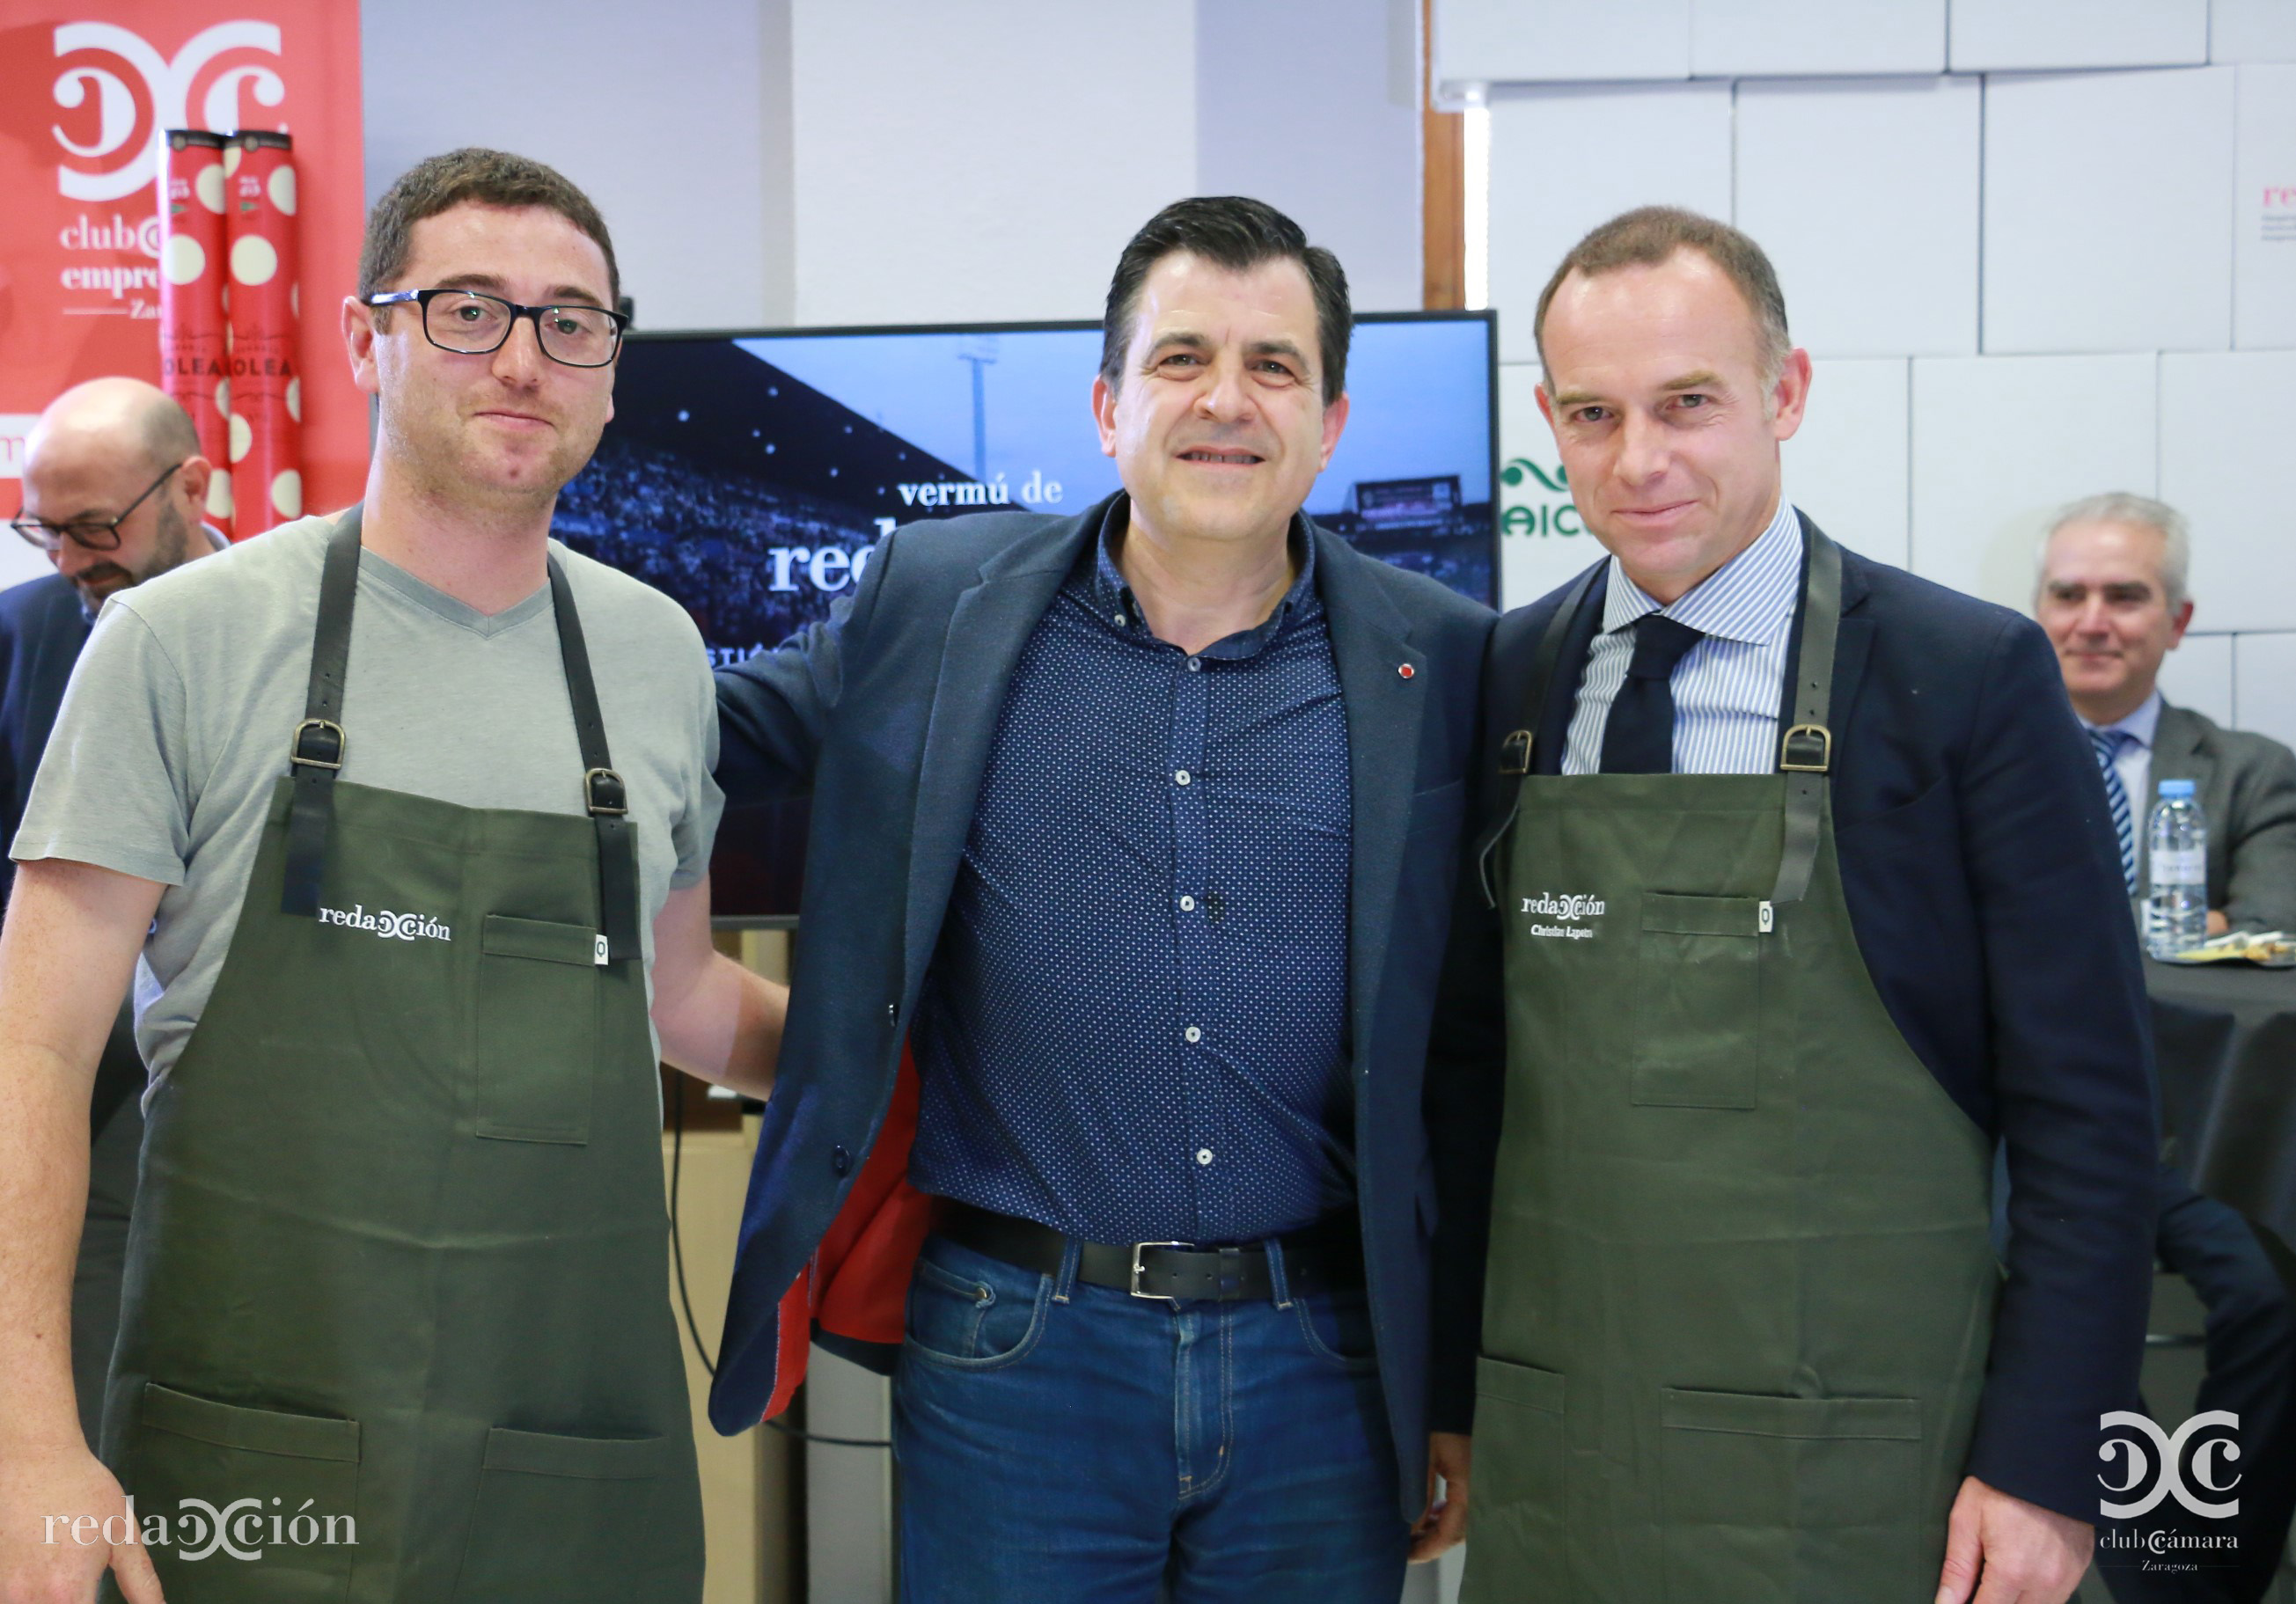 Miguel Botica, Narciso Samaniego y Christian Lapetra.